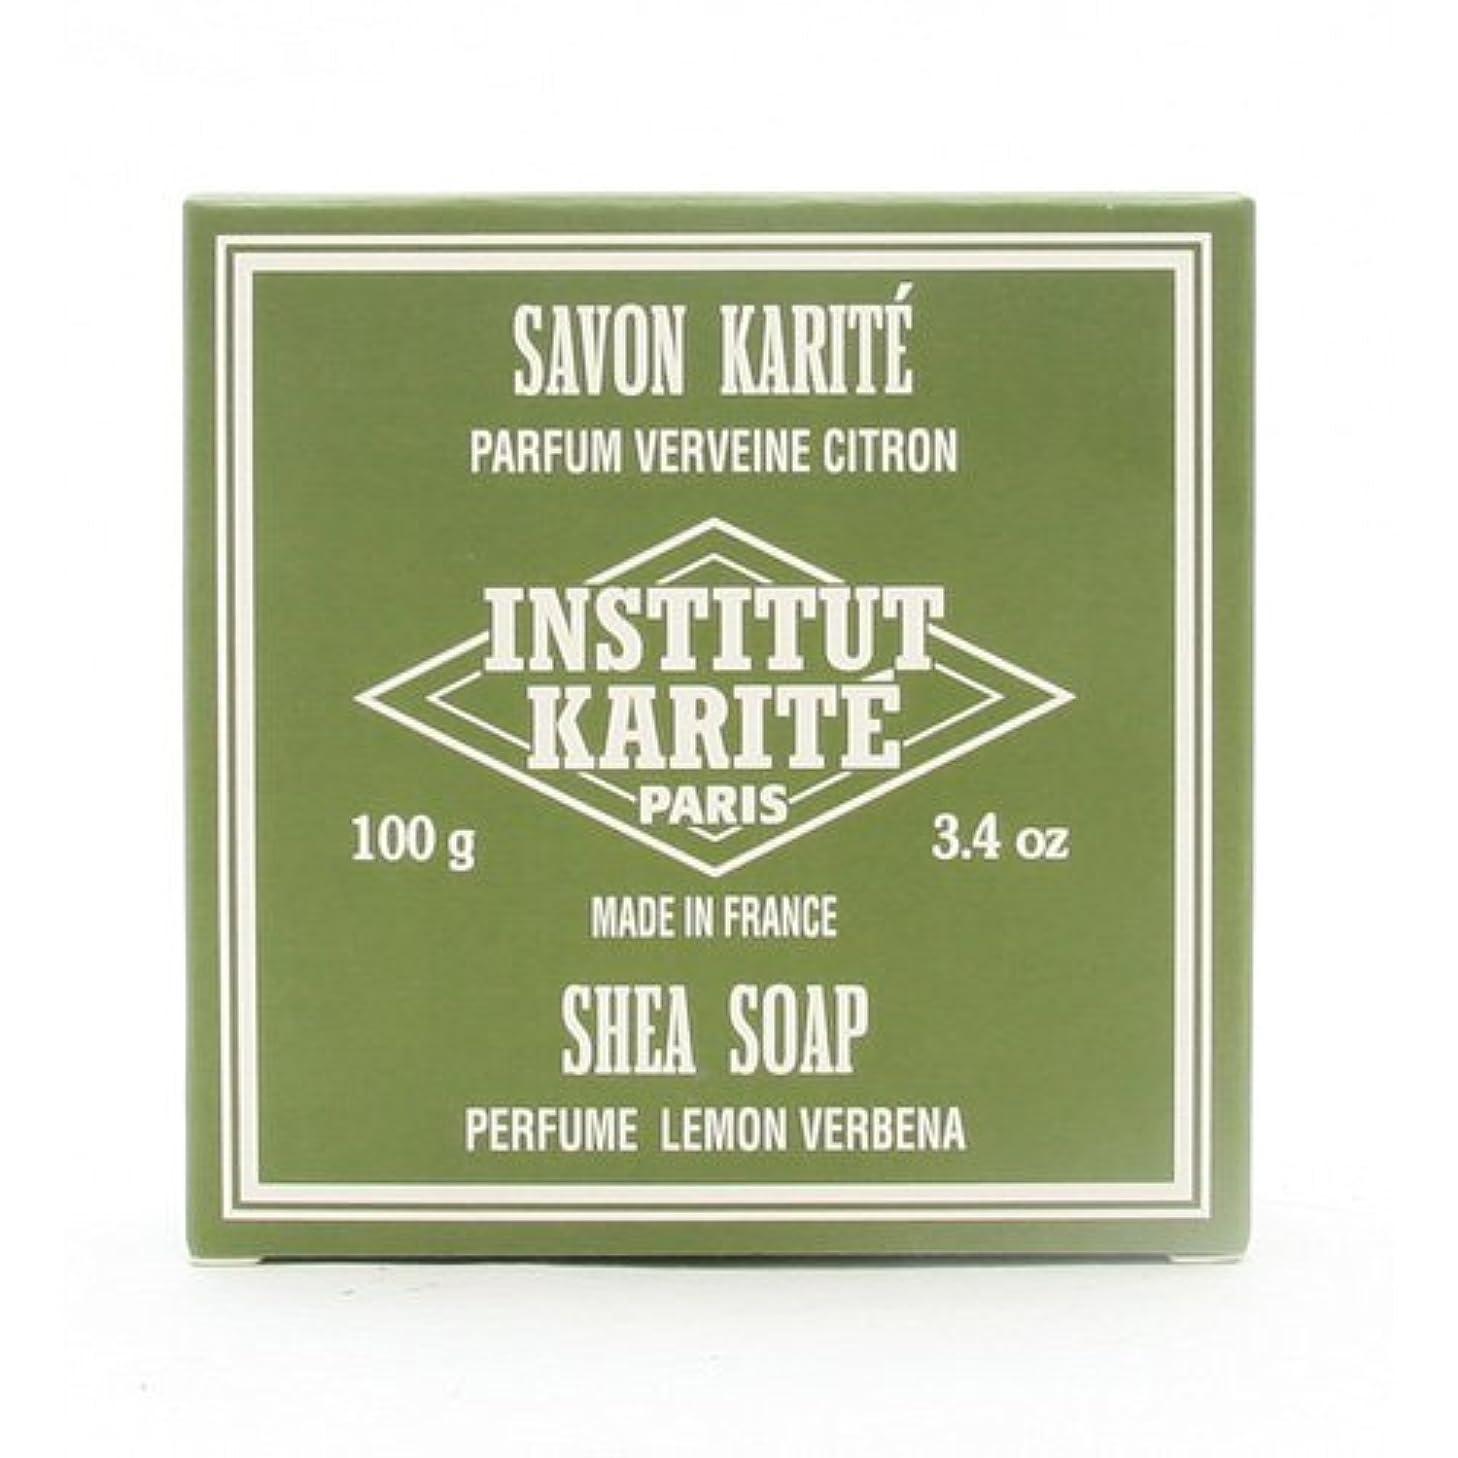 食器棚障害測定INSTITUT KARITE インスティテュート カリテ 25% Extra Gentle Soap ジェントルソープ 100g Lemon Vervenaレモンバーベナ